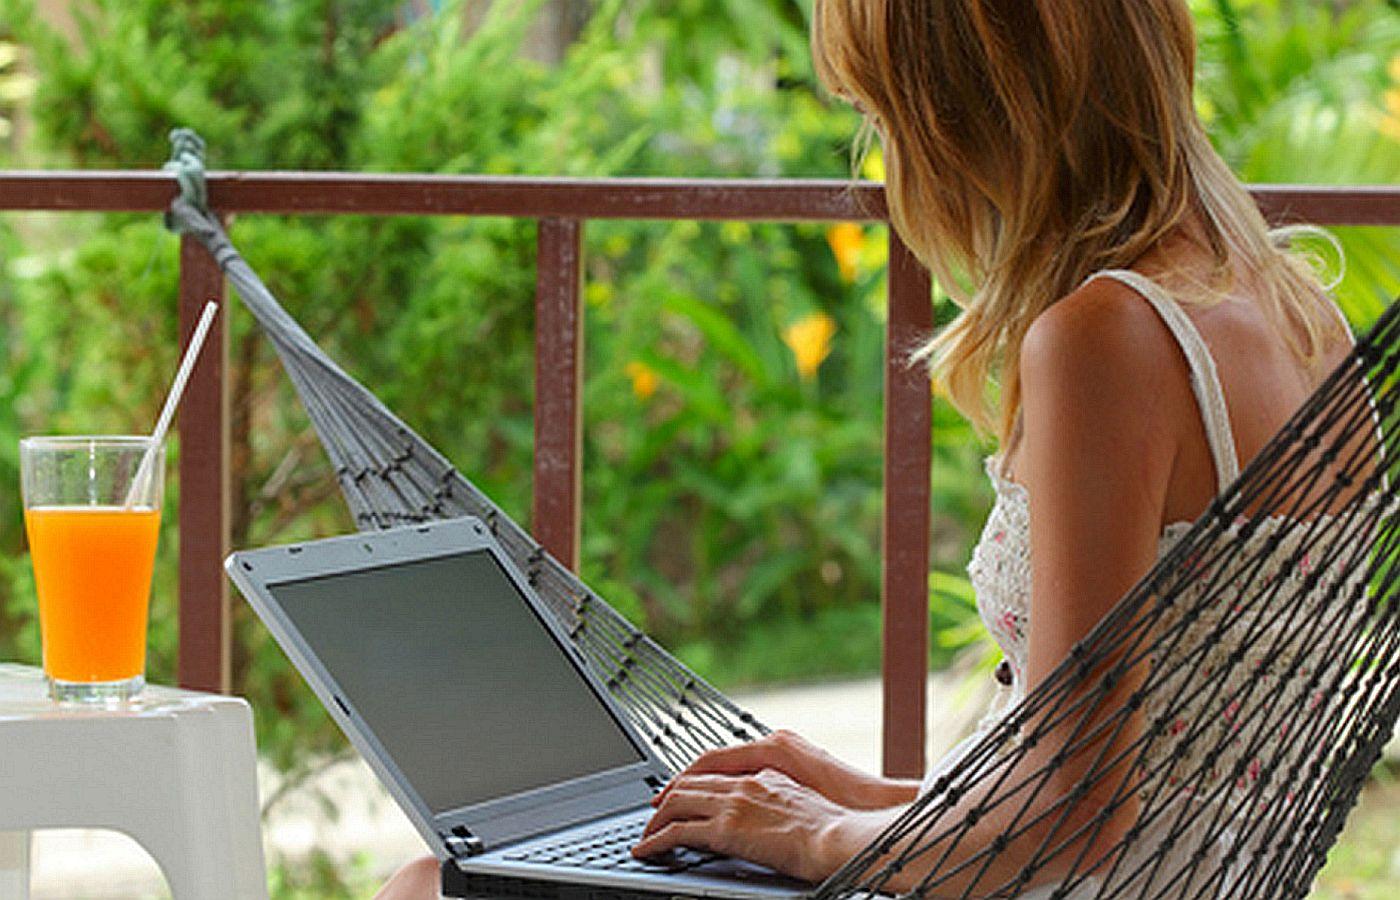 i nostri Partner: persone che amano lavorare nel web business marketing e mettersi veramente in gioco